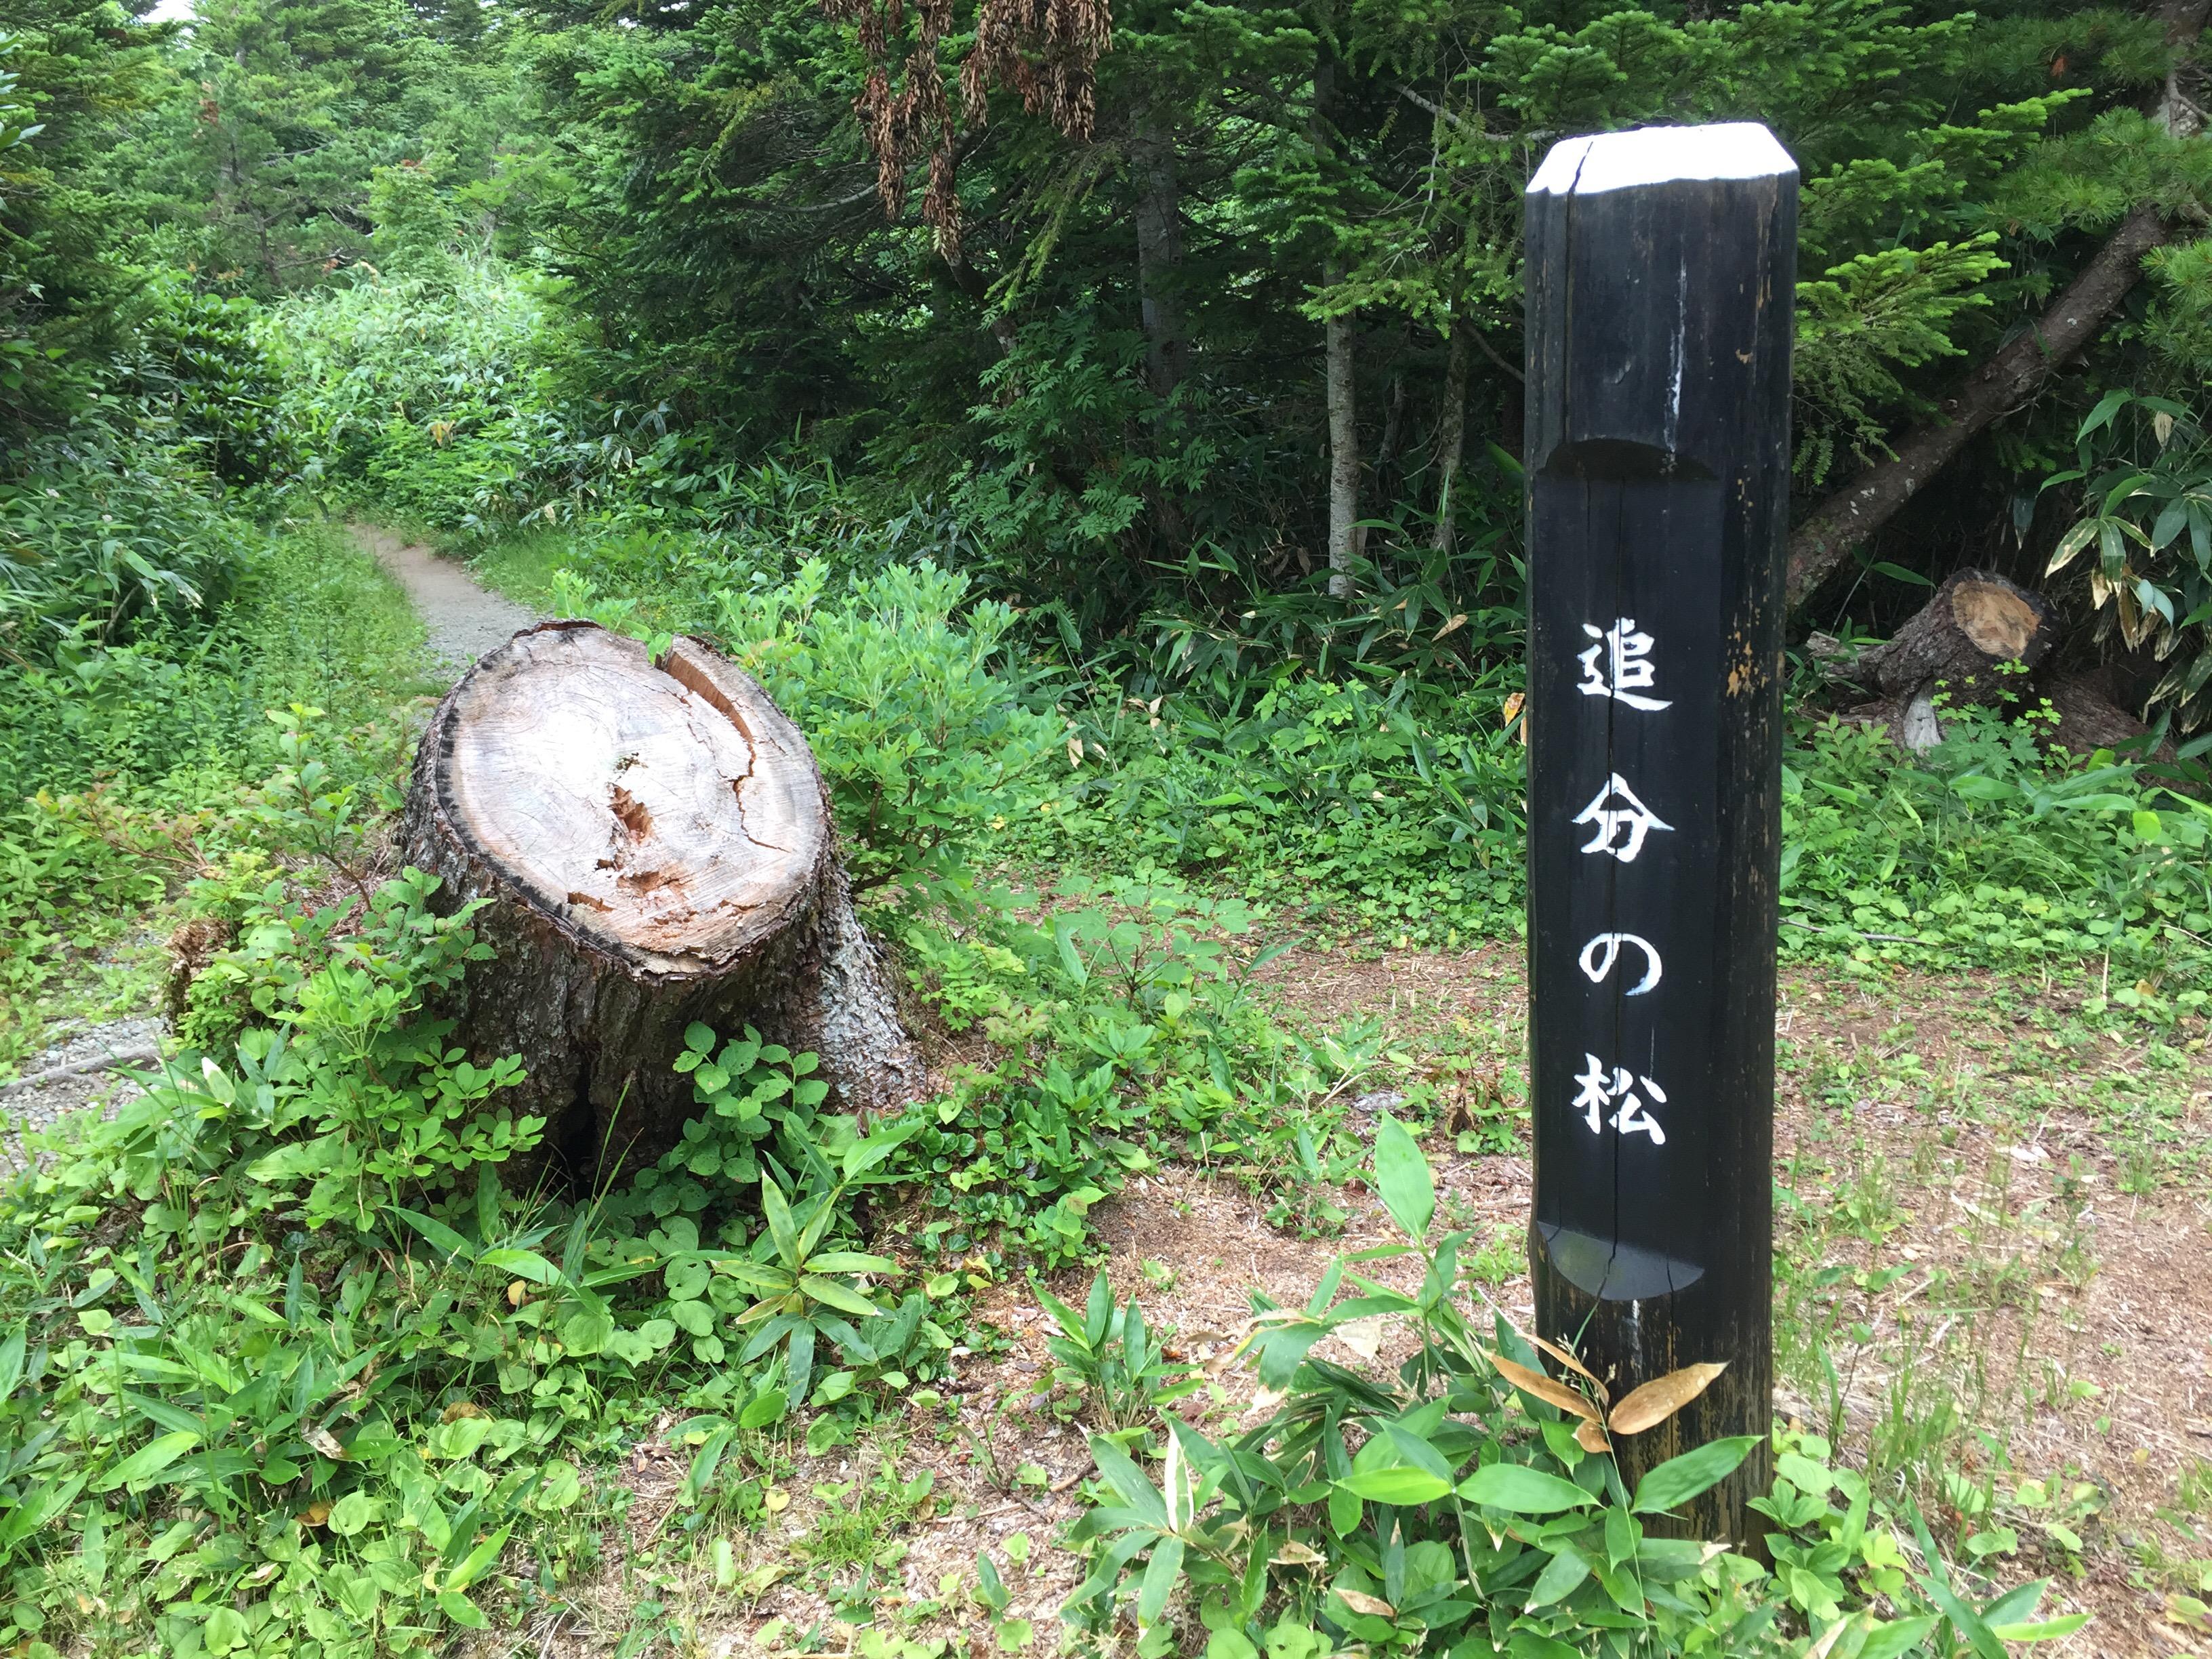 蔵王 熊野岳 日本百名山 山形百名山 登山道 追分の松